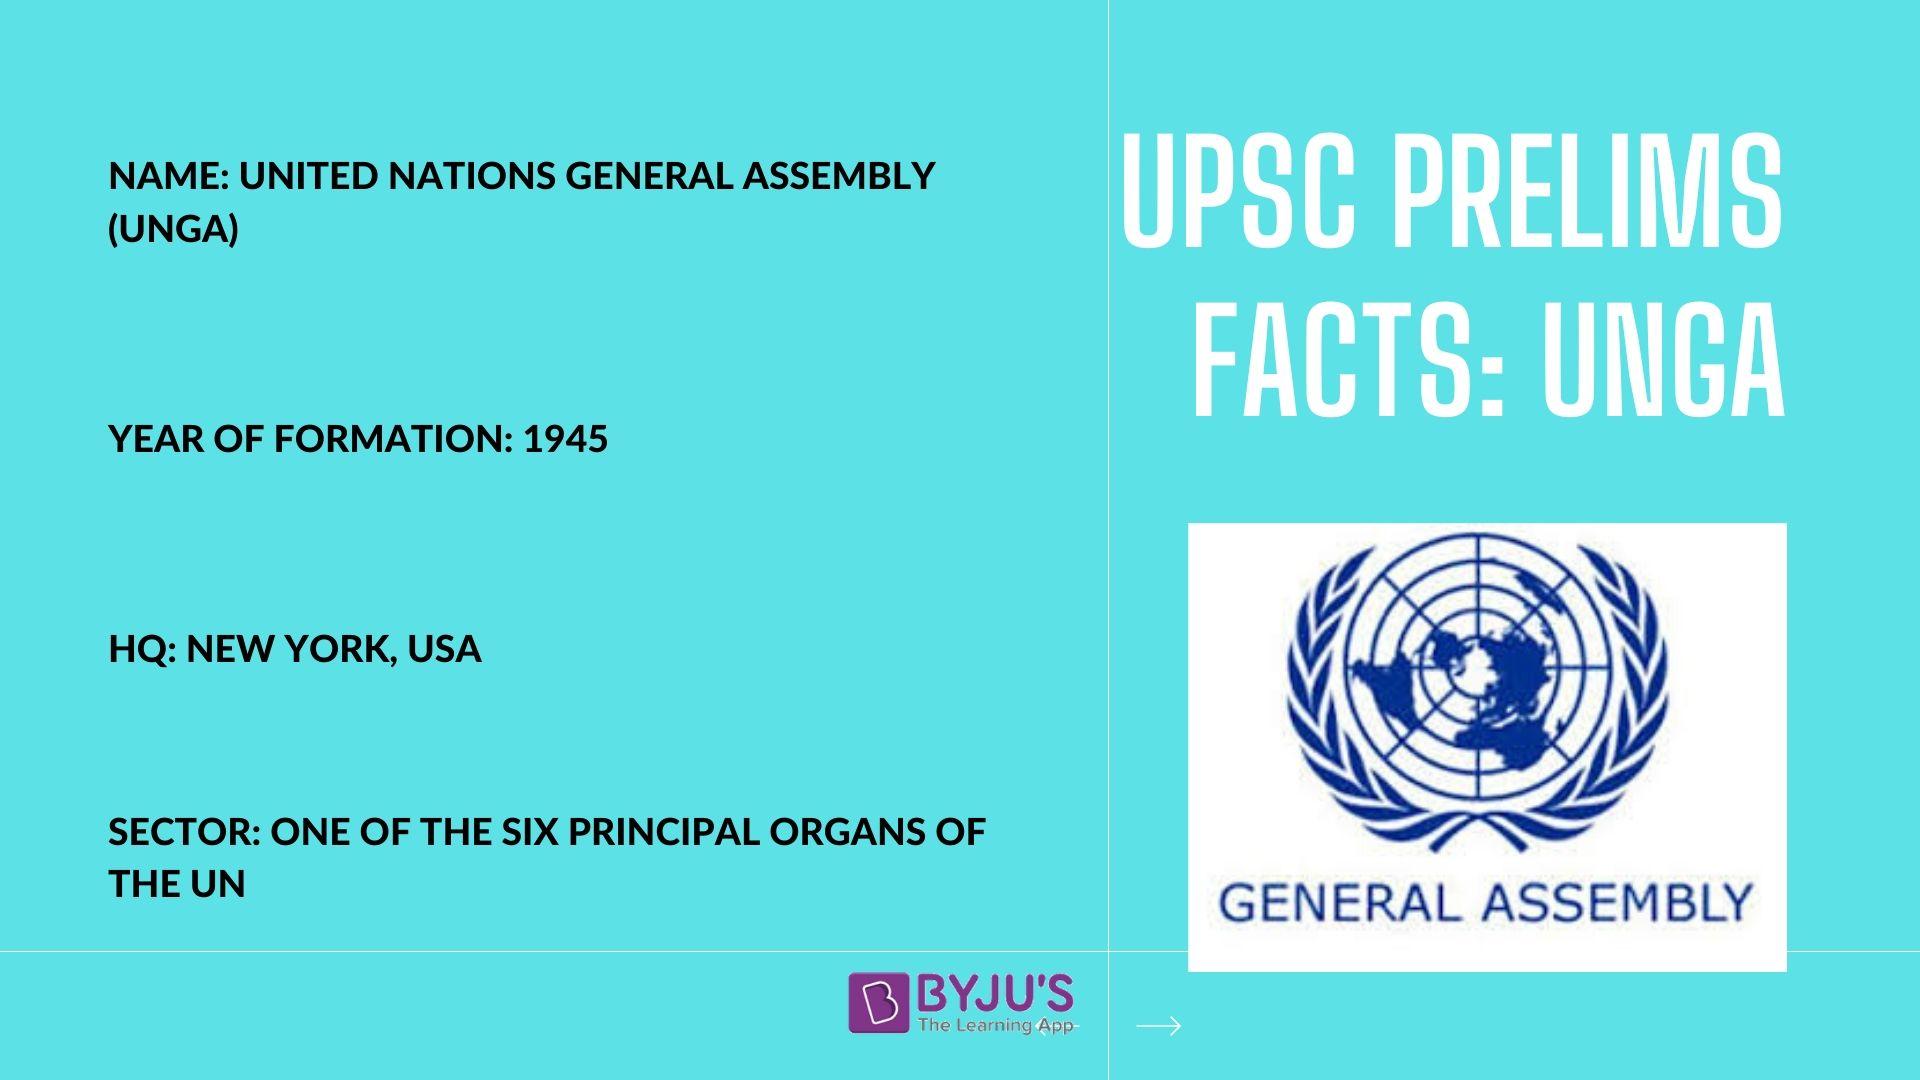 UNGA - UPSC Prelims Facts